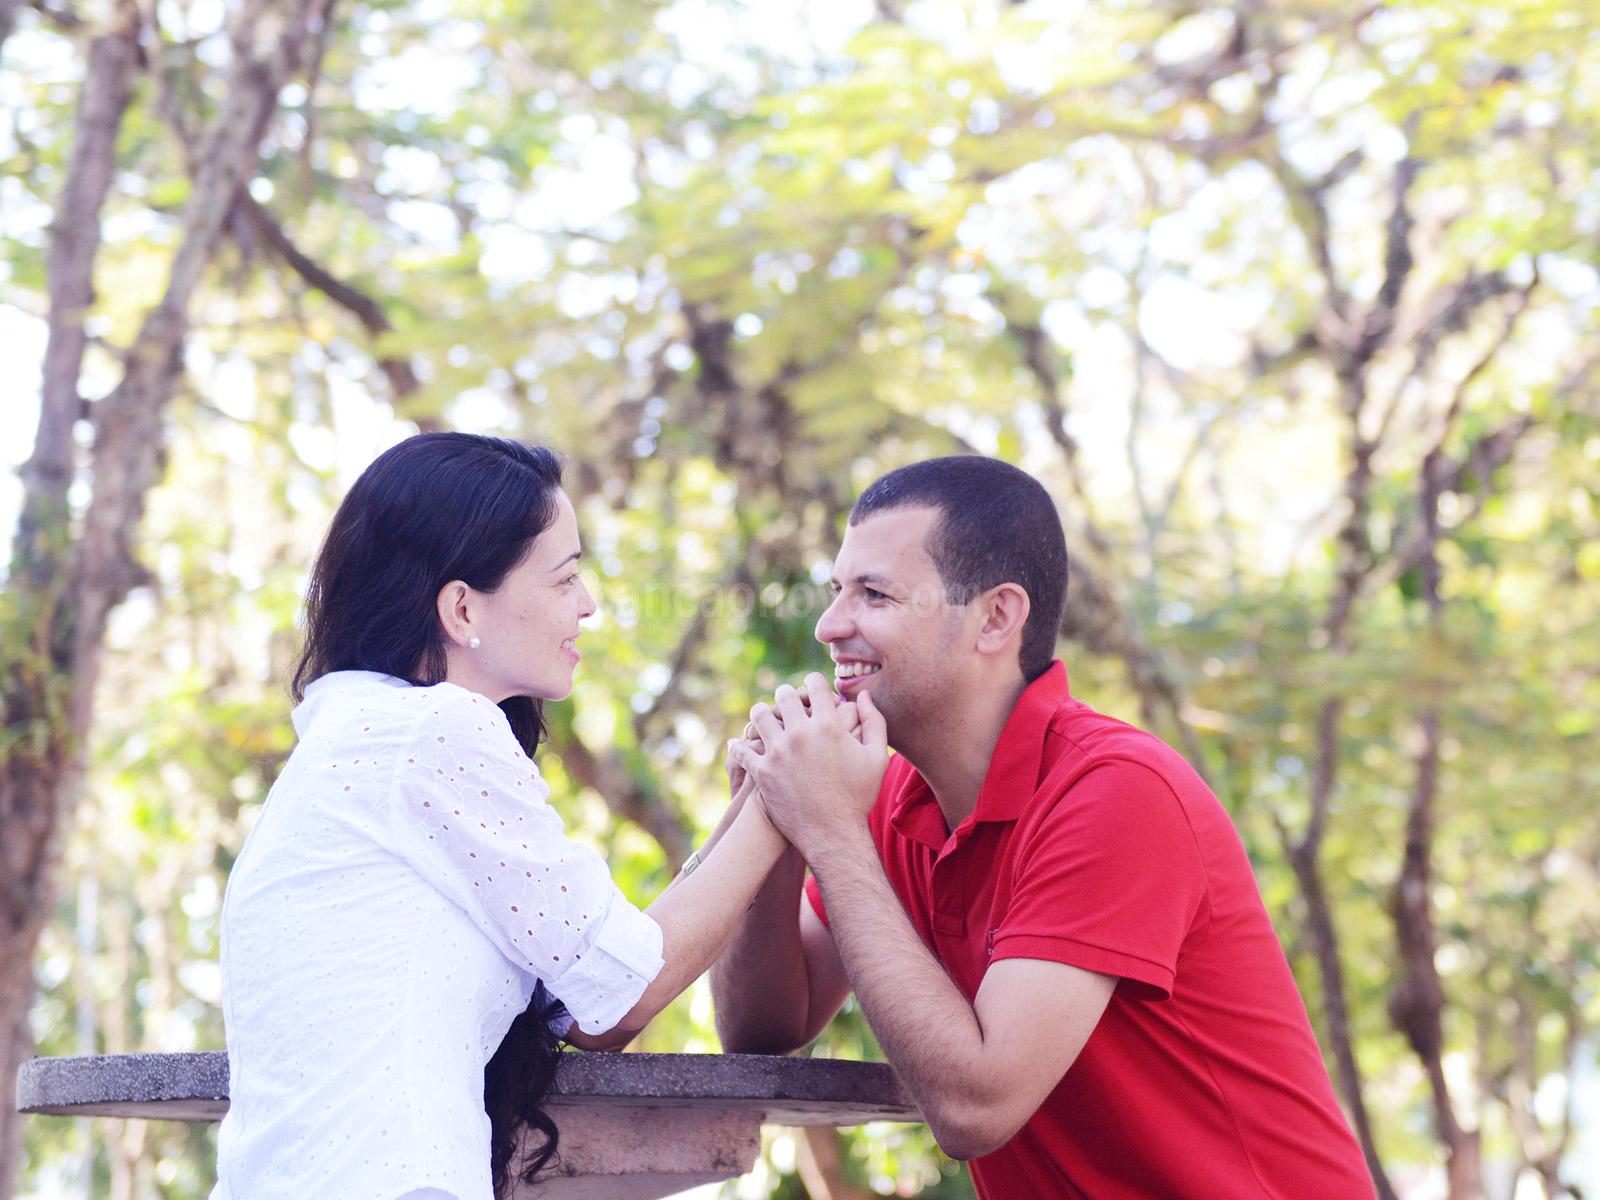 Alem De Namorado Vc E Amigo: Além De Namorados, Amigos